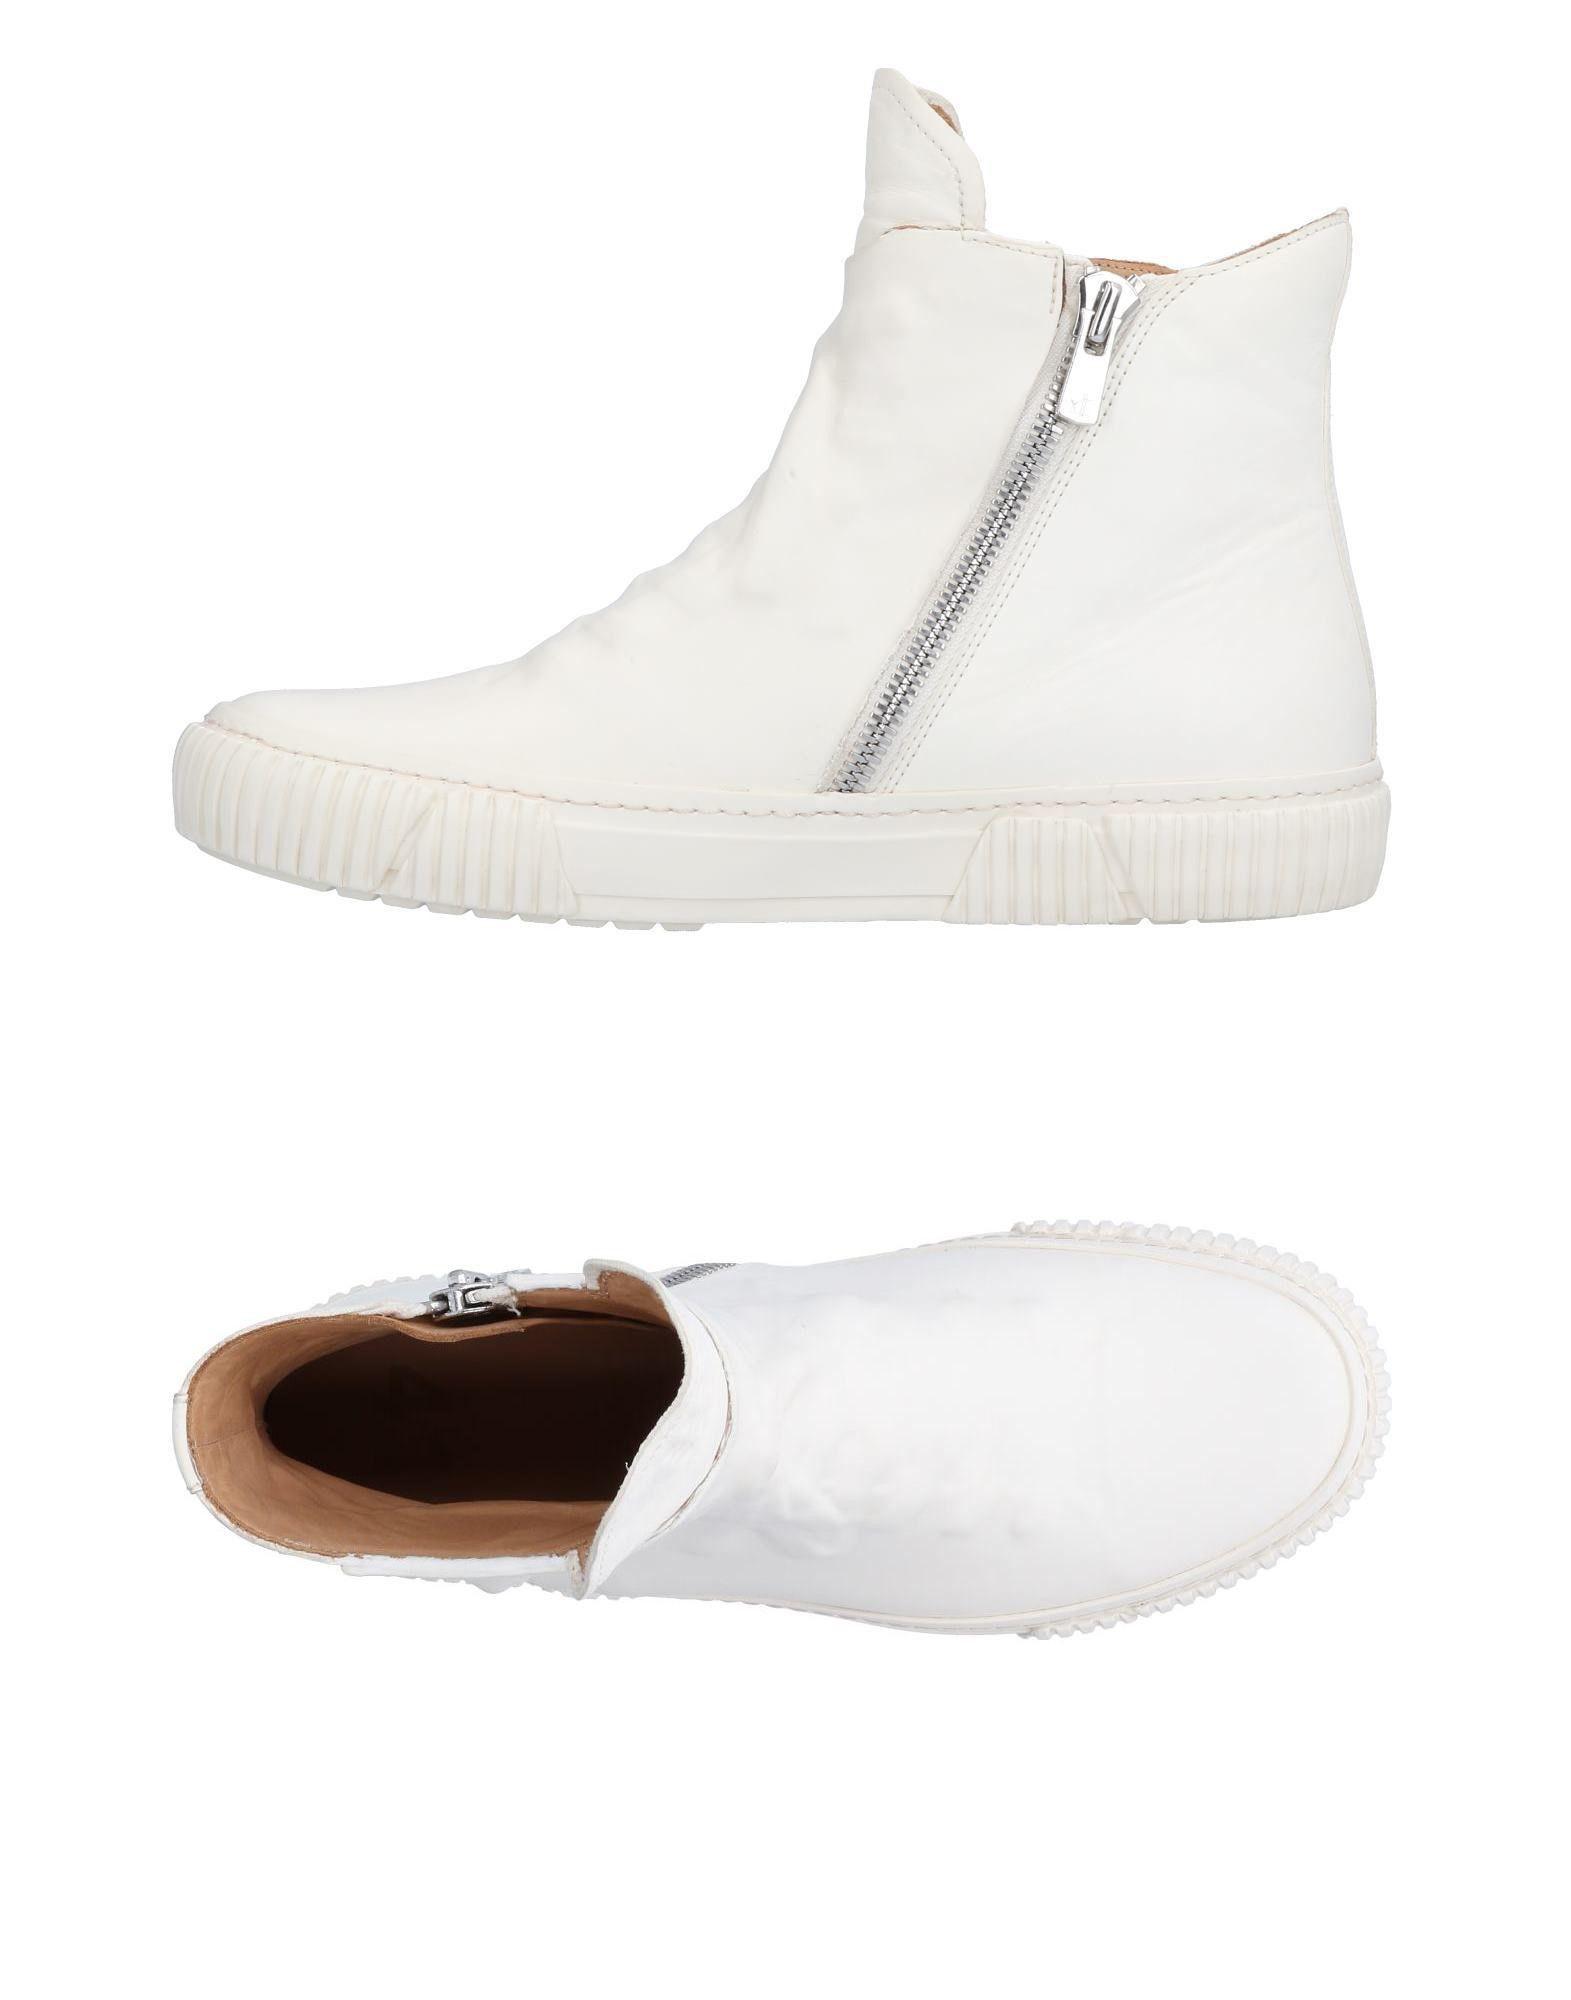 Moda Sneakers Both Uomo Uomo Both - 11503053PO 2a825b